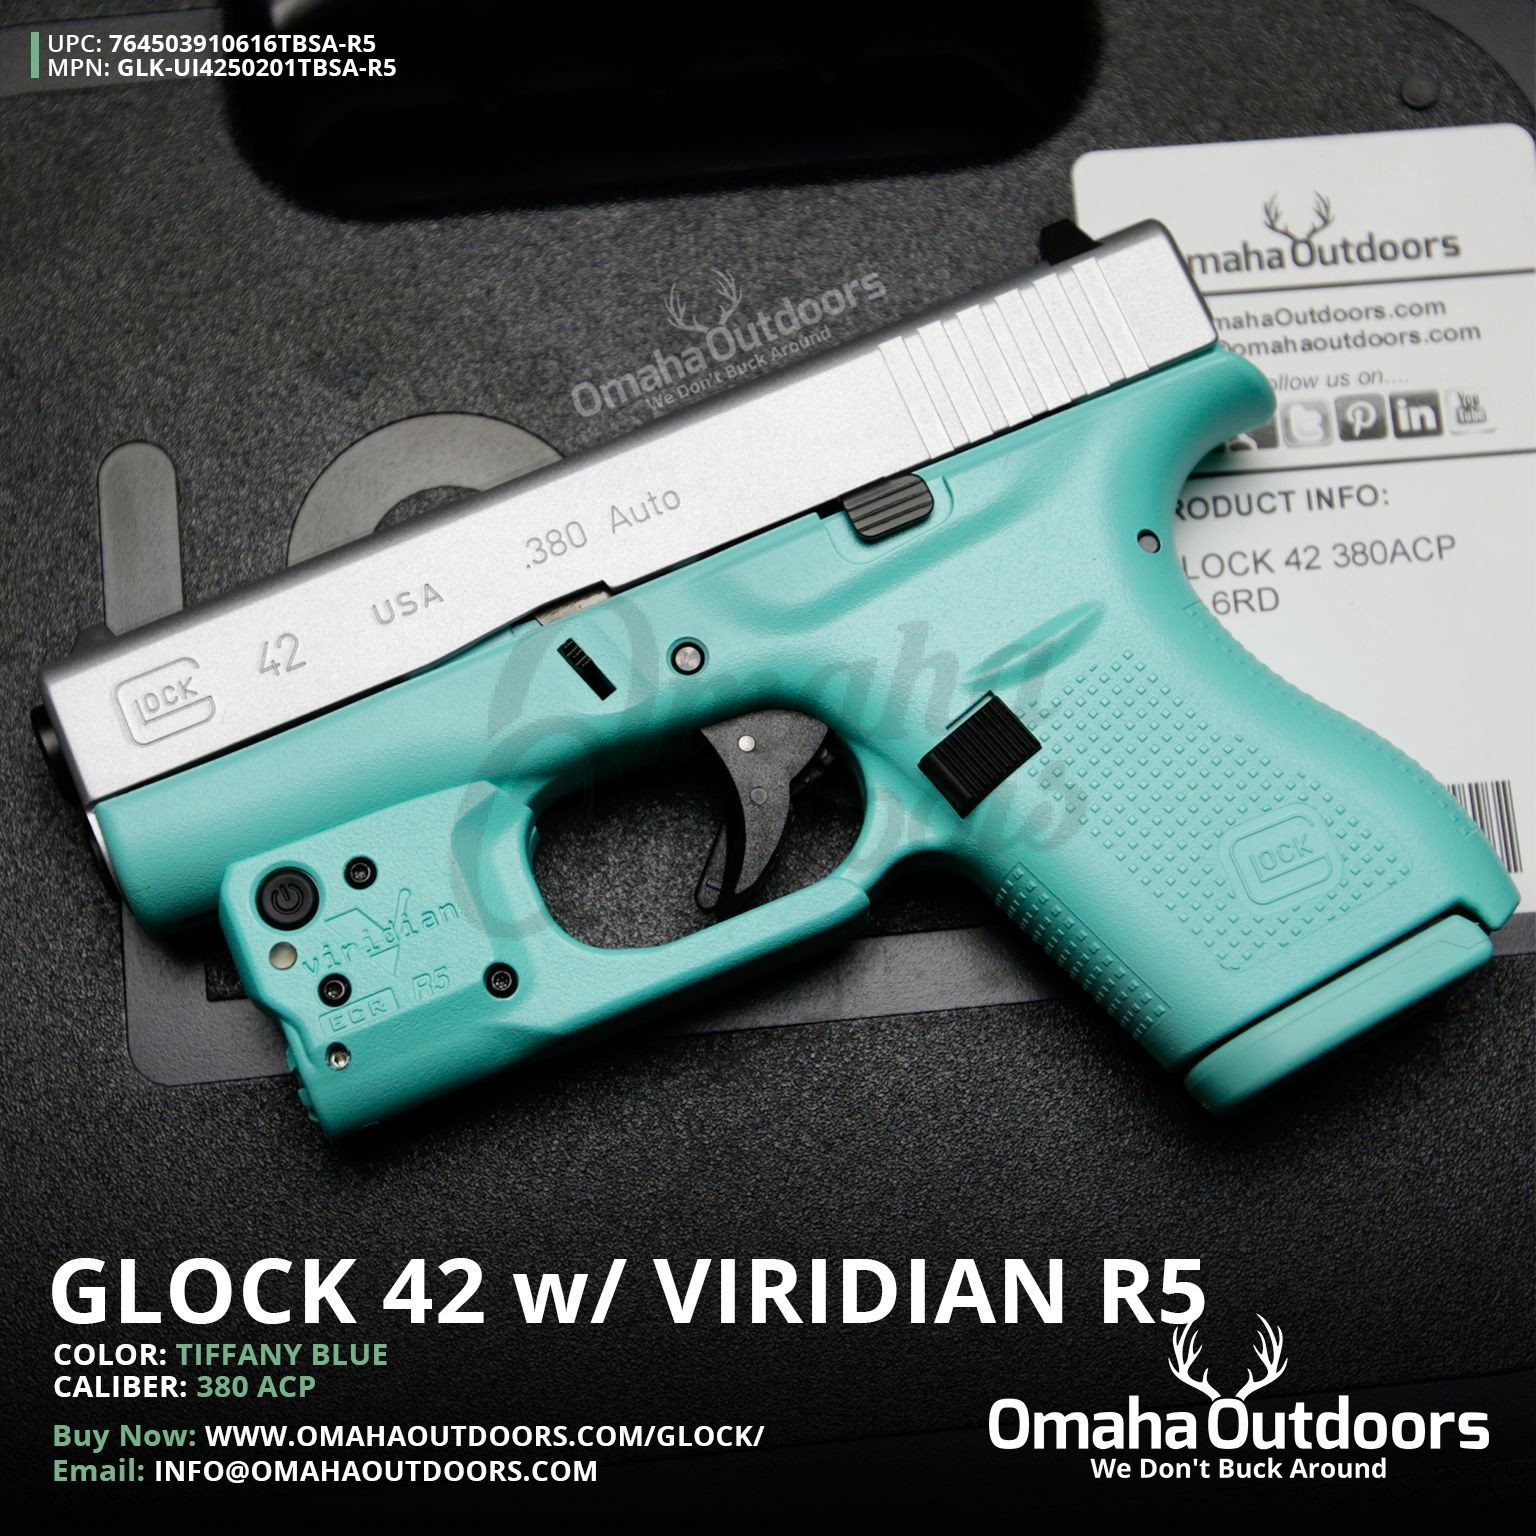 Glock 42 Vera Blue Pistol 380 ACP Viridian R5 Green Laser Satin Aluminum  Slide 6 RD UI4250201-VBL-FR-SAL-SL-VBL-R5